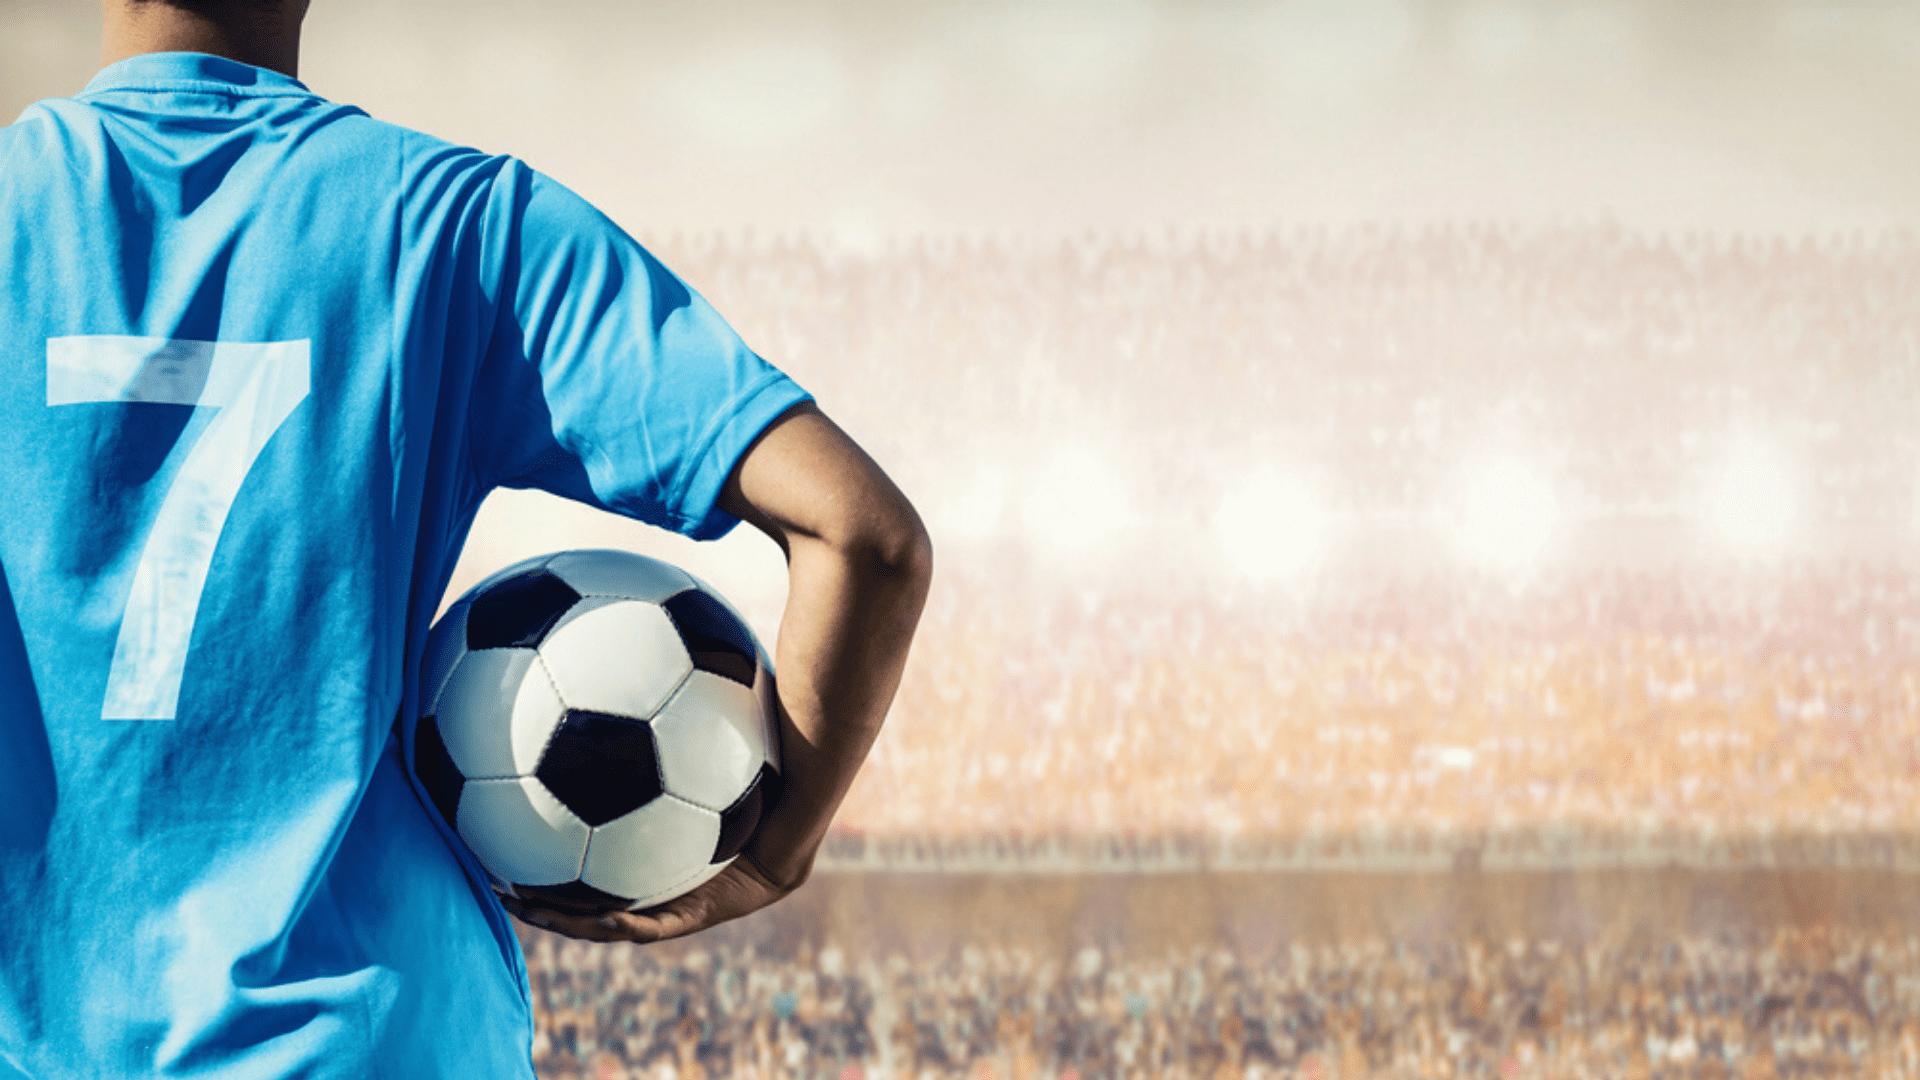 Veja as camisas de times brasileiros lançadas em 2021! (Imagem: Reprodução/Shutterstock)